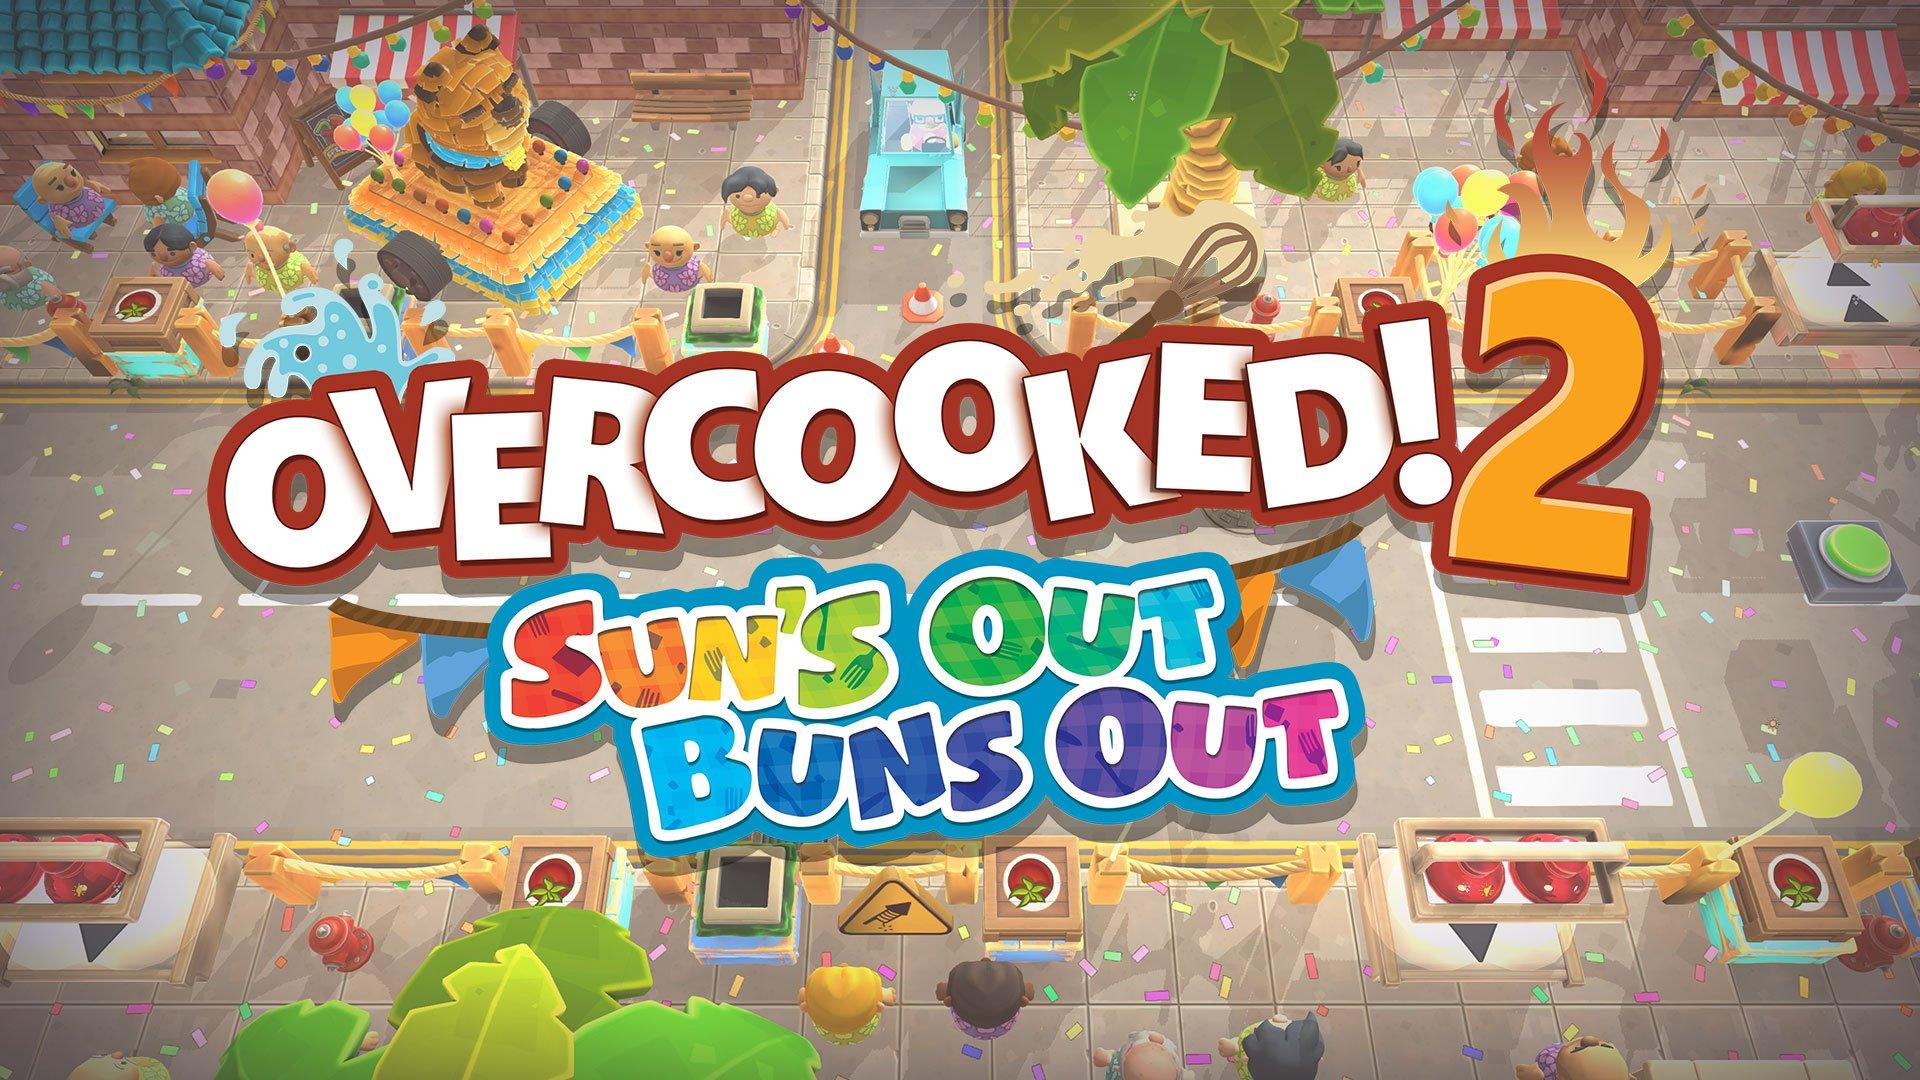 Overcooked 2 Suns Out, recebe uma data de lançamento nos consoles, os proprietários do Switch, PS4 e Xbox One podem marcar seus calendários.